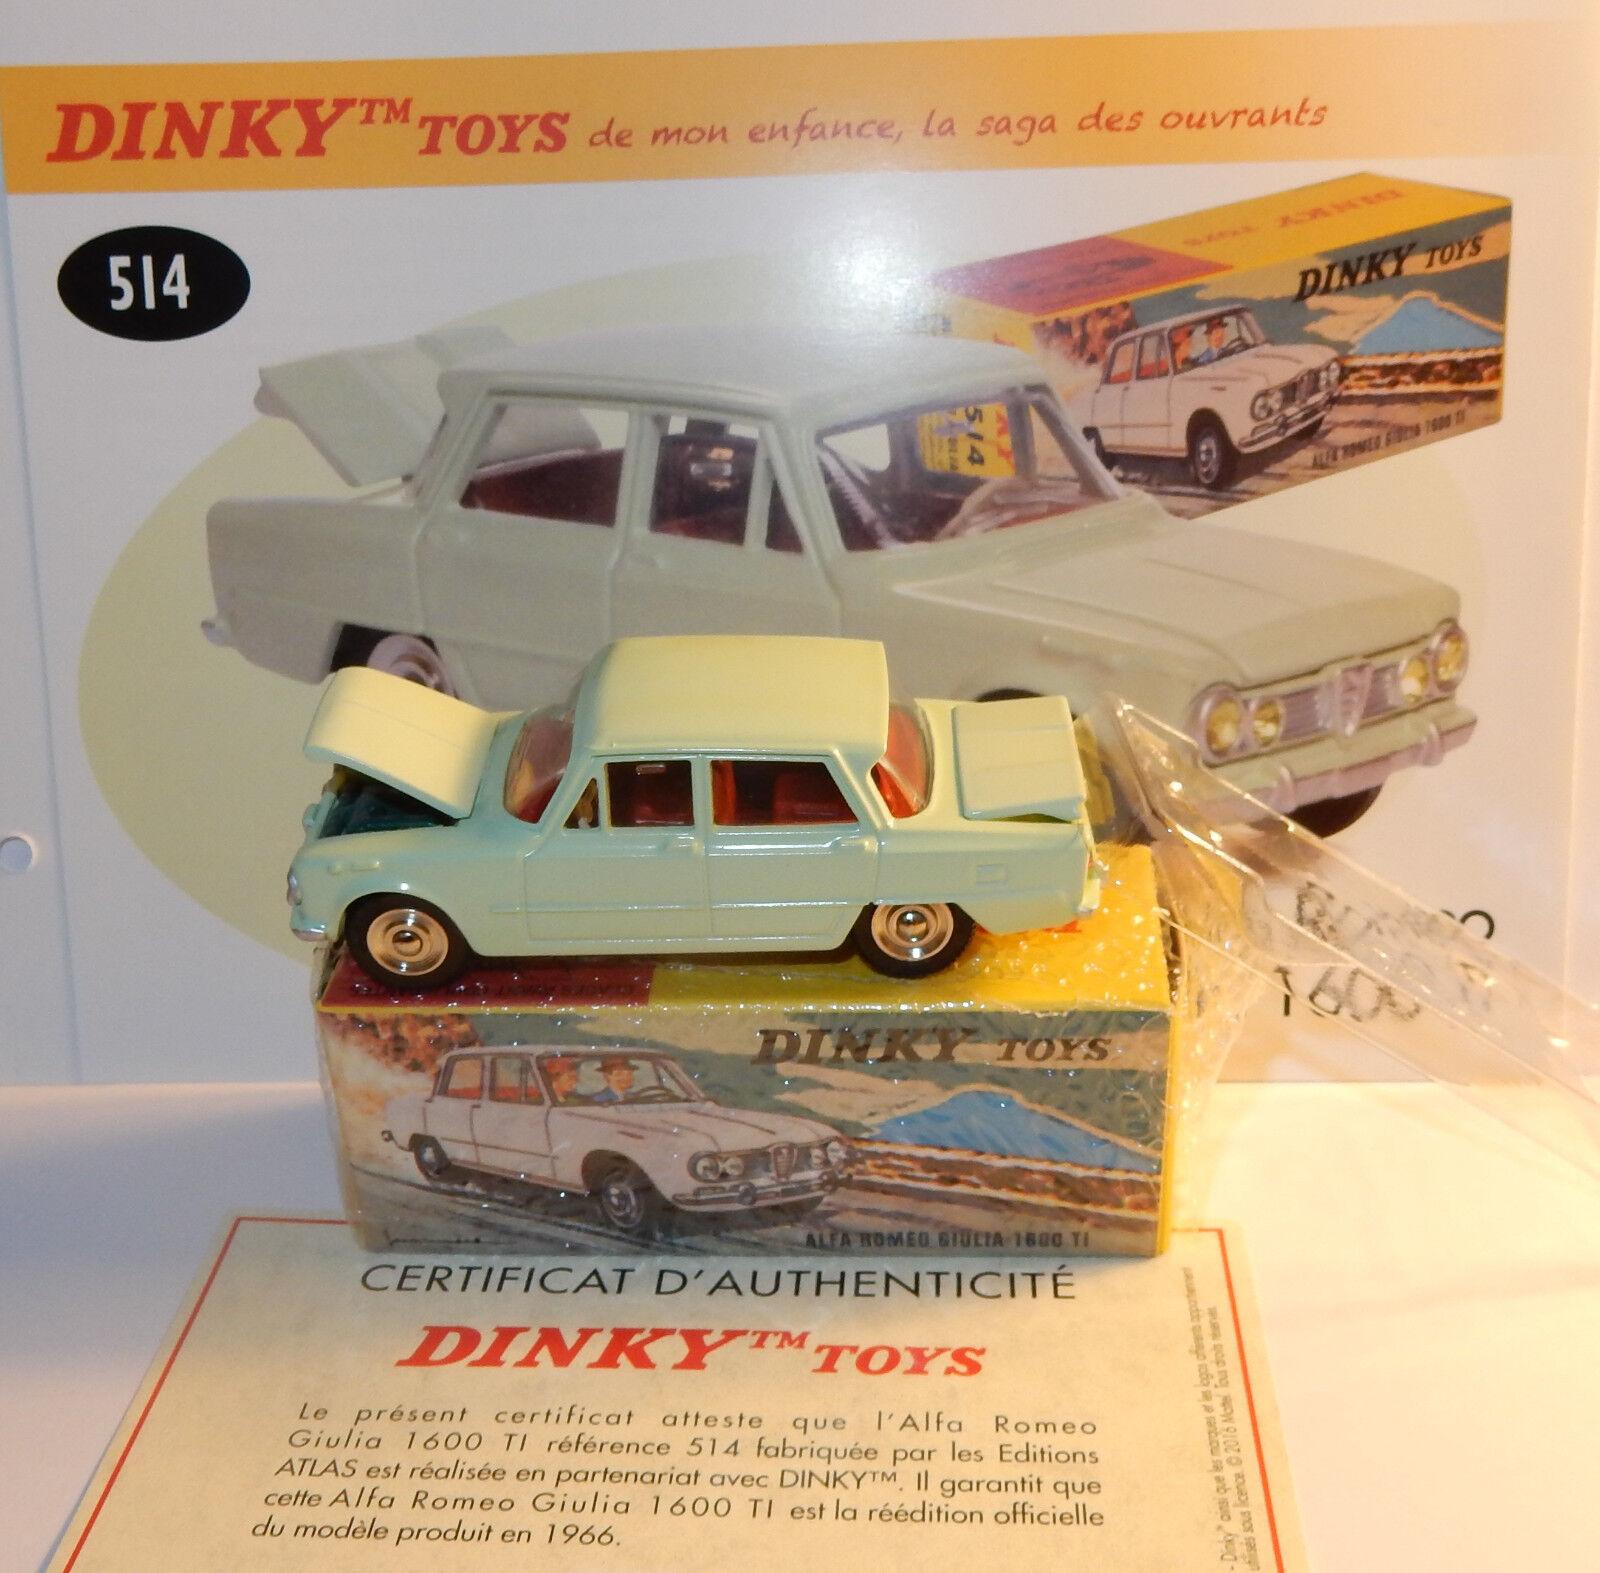 DINKY DINKY DINKY TOYS ATLAS ALFA ROMEO GIULIA 1600 TI verde PALE REF 514 IN BOX 1 43 0f2cc1